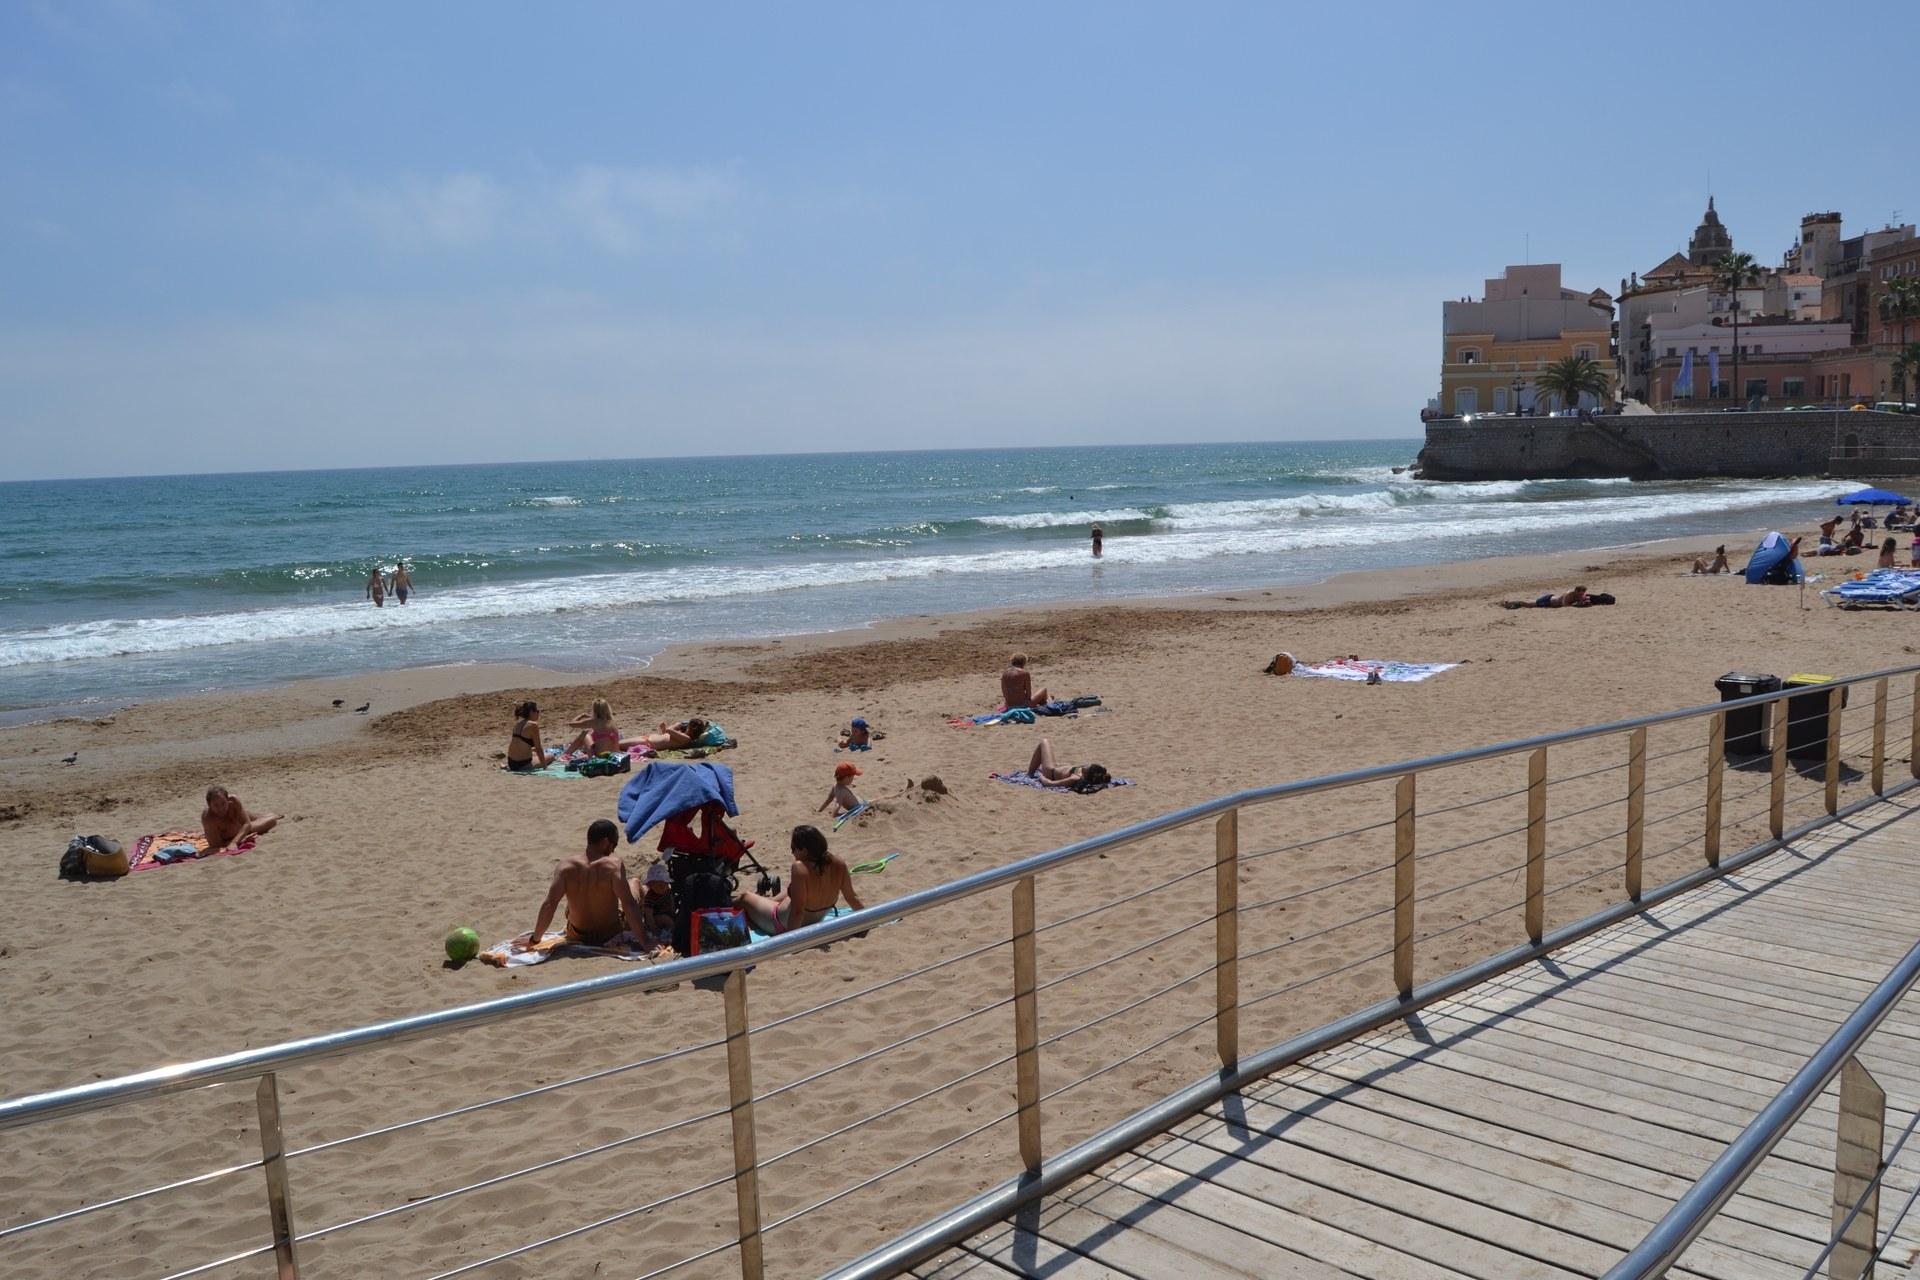 Les platges es preparen per a l'inici de la temporada de bany